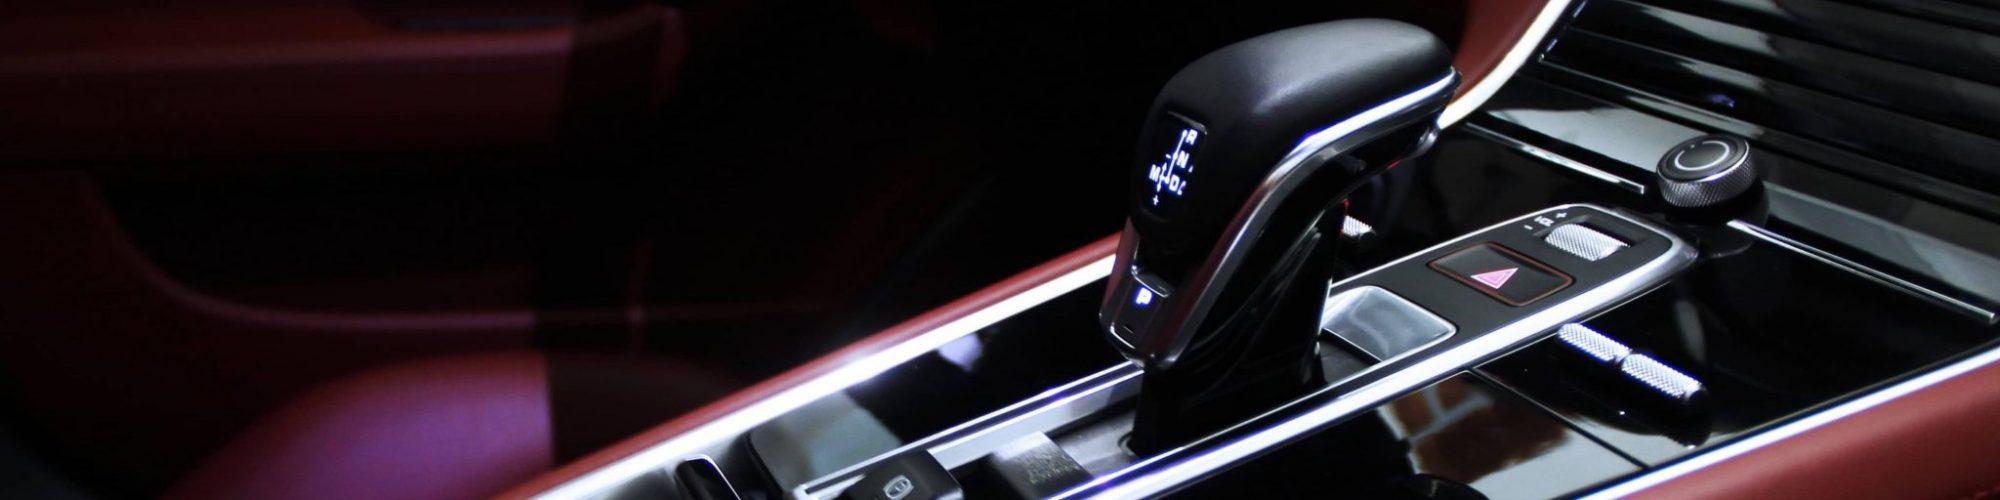 cambio-automatico-auto-bizioli